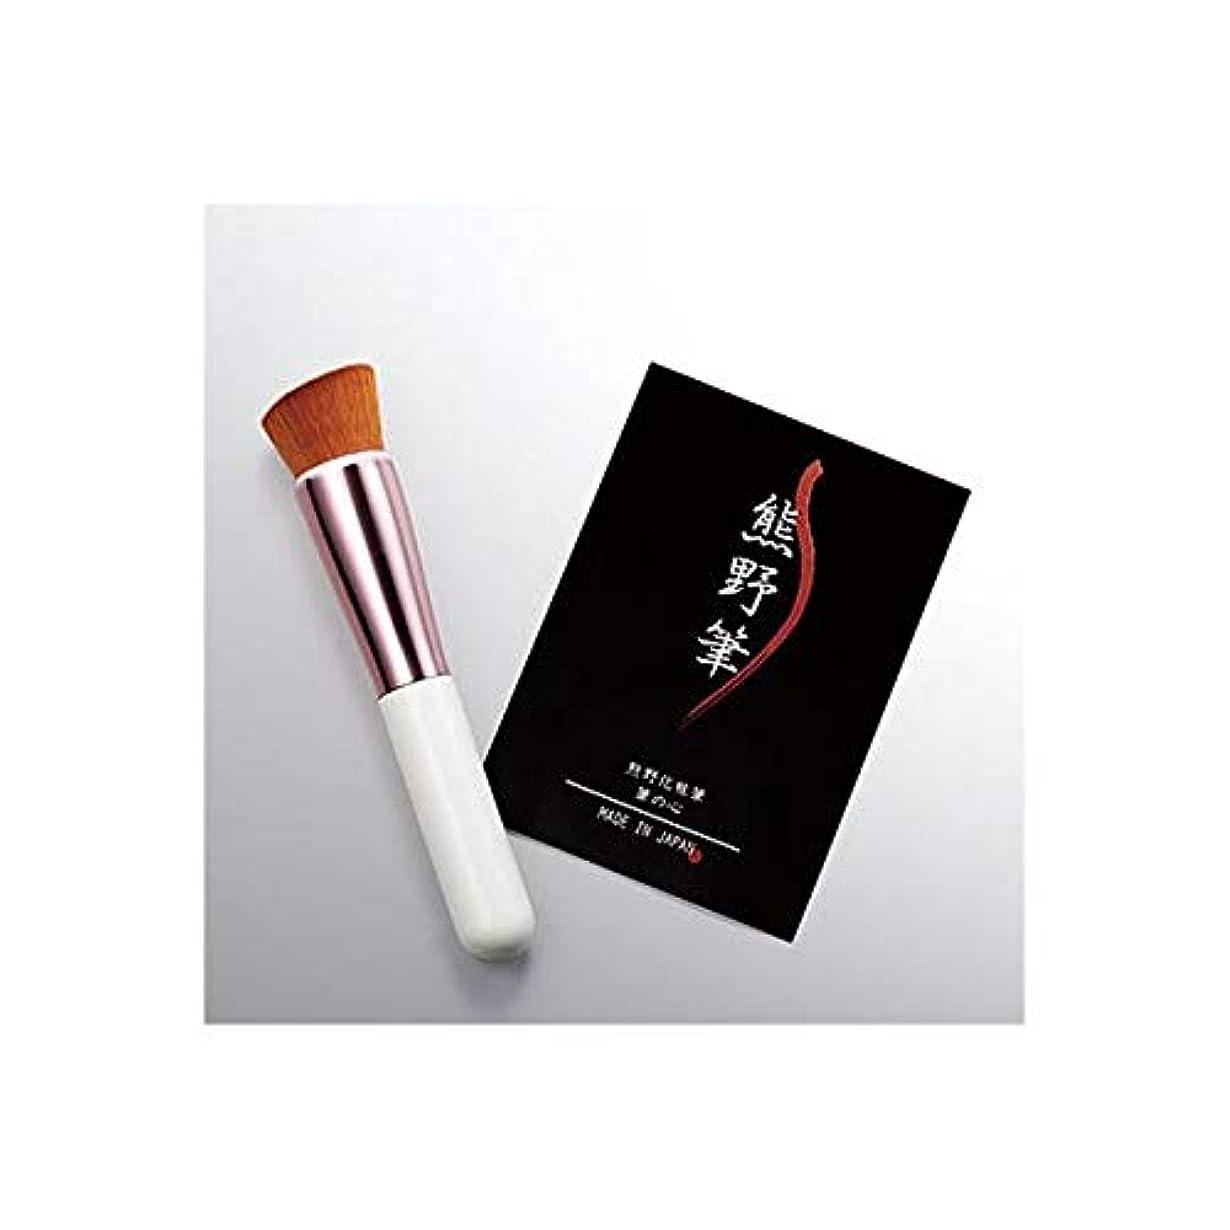 キャプチャー寓話マンモス[熊野化粧筆] 筆の心 リキッドブラシ